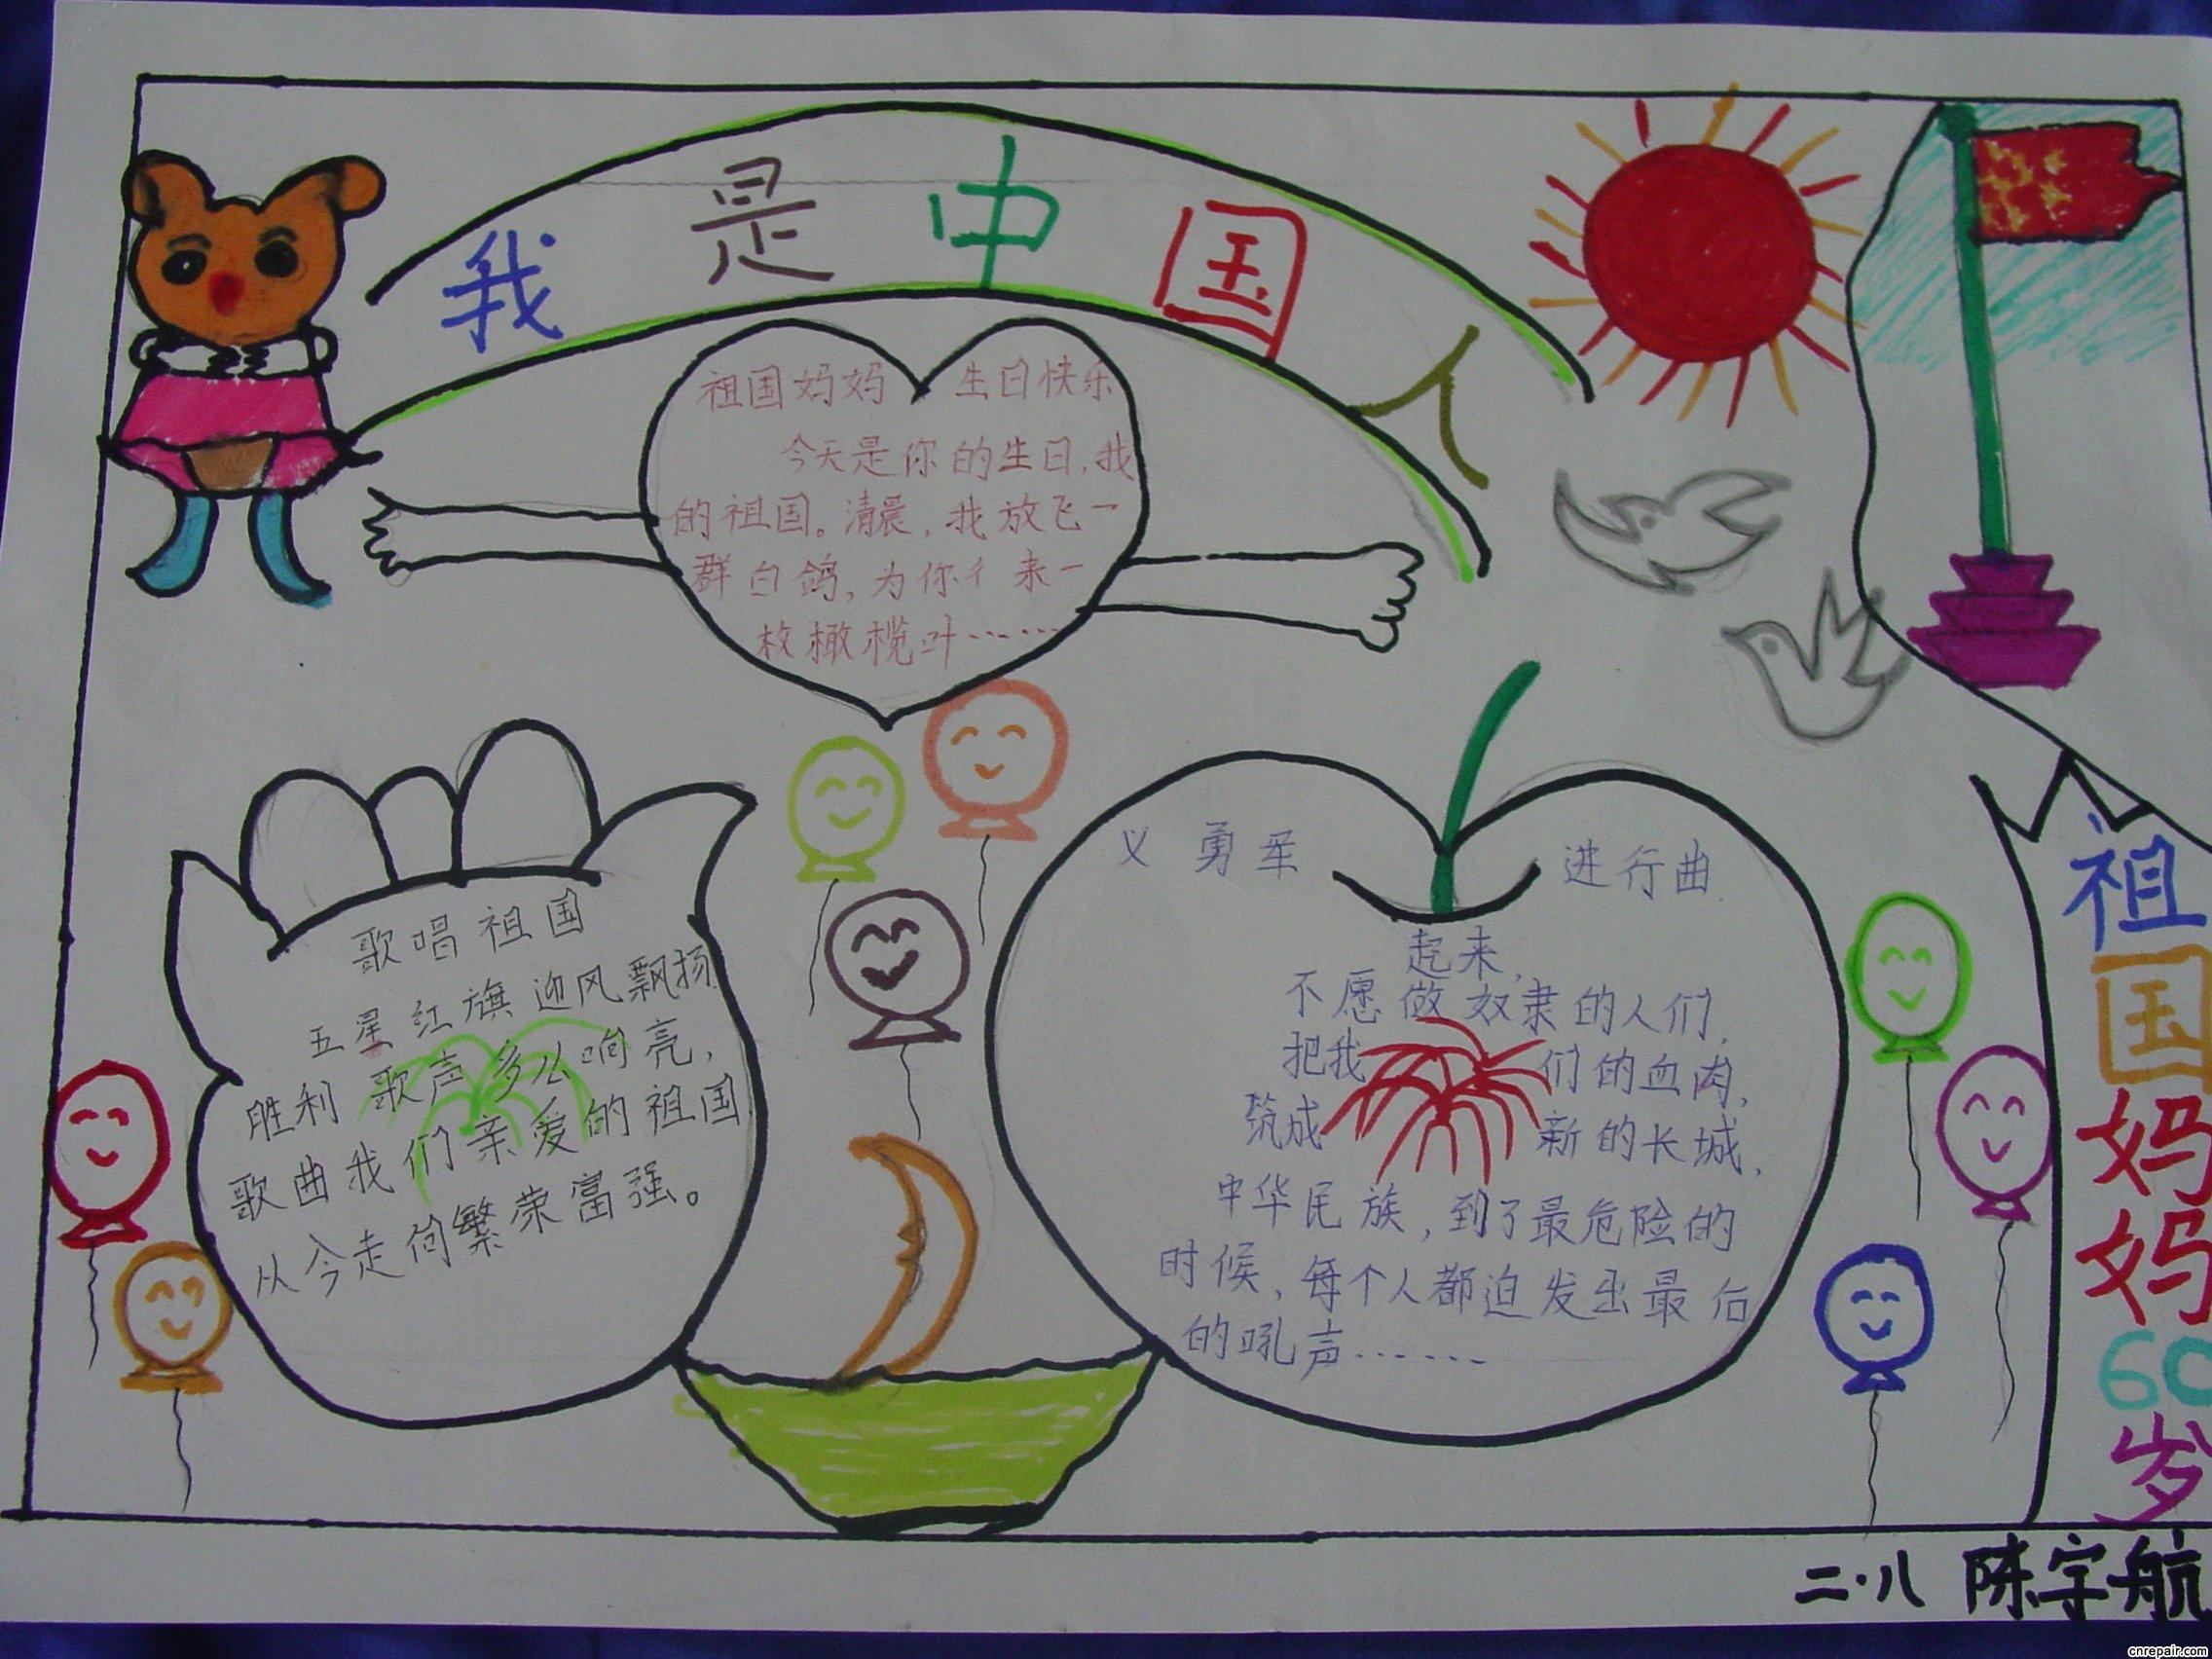 国庆节手抄报素材小学